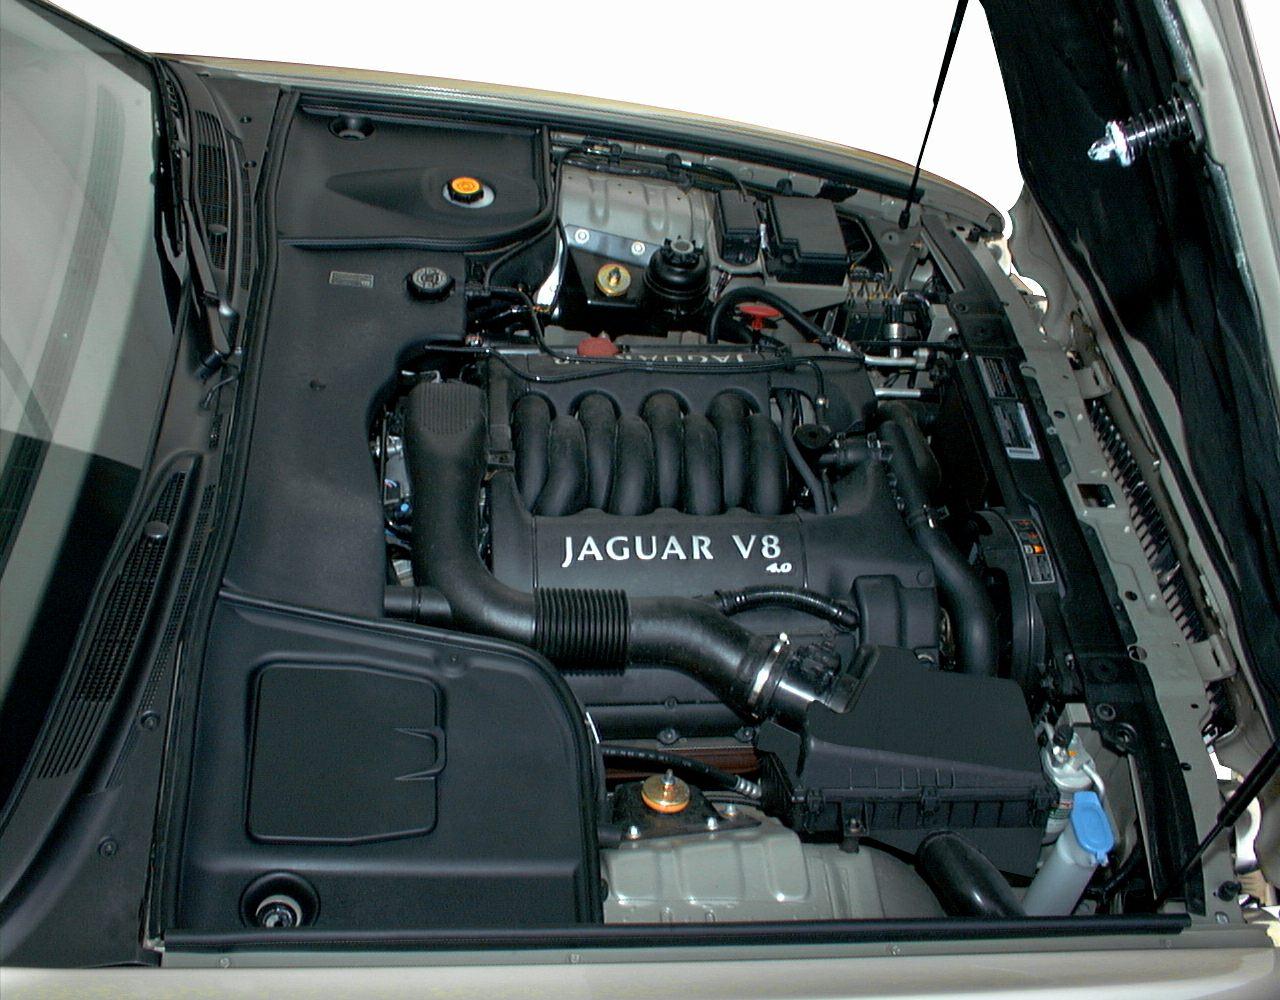 2000 Jaguar Xj8 Vanden Plas Supercharged 4dr Sedan Specs And Prices